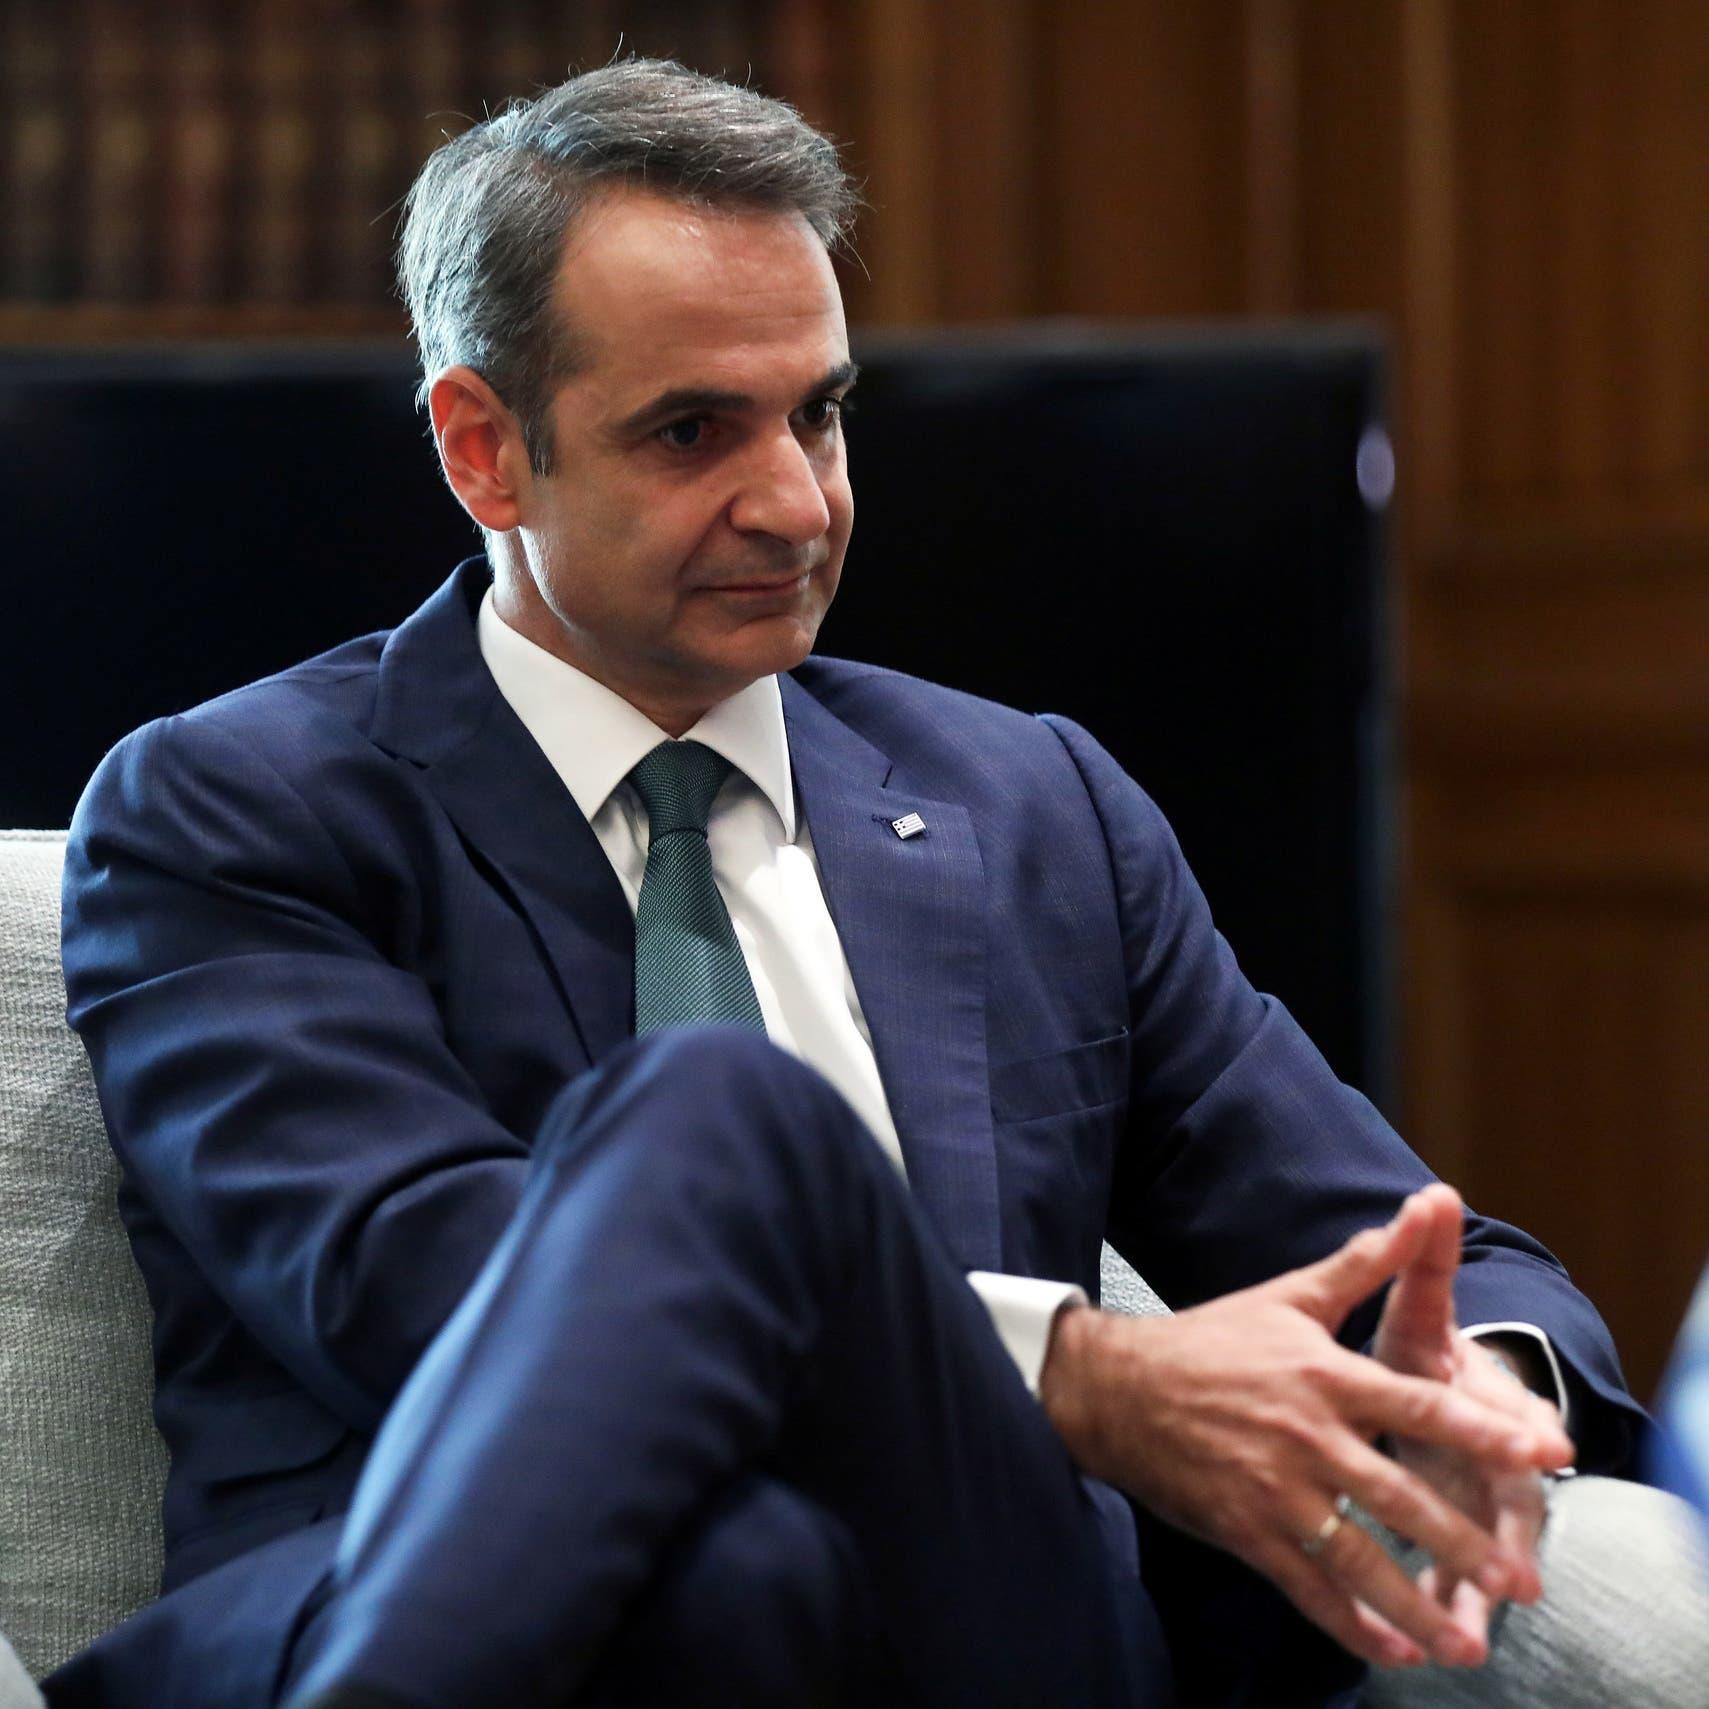 اليونان: لا سبيل أمام تركيا سوى الحوار أو المحكمة الدولية